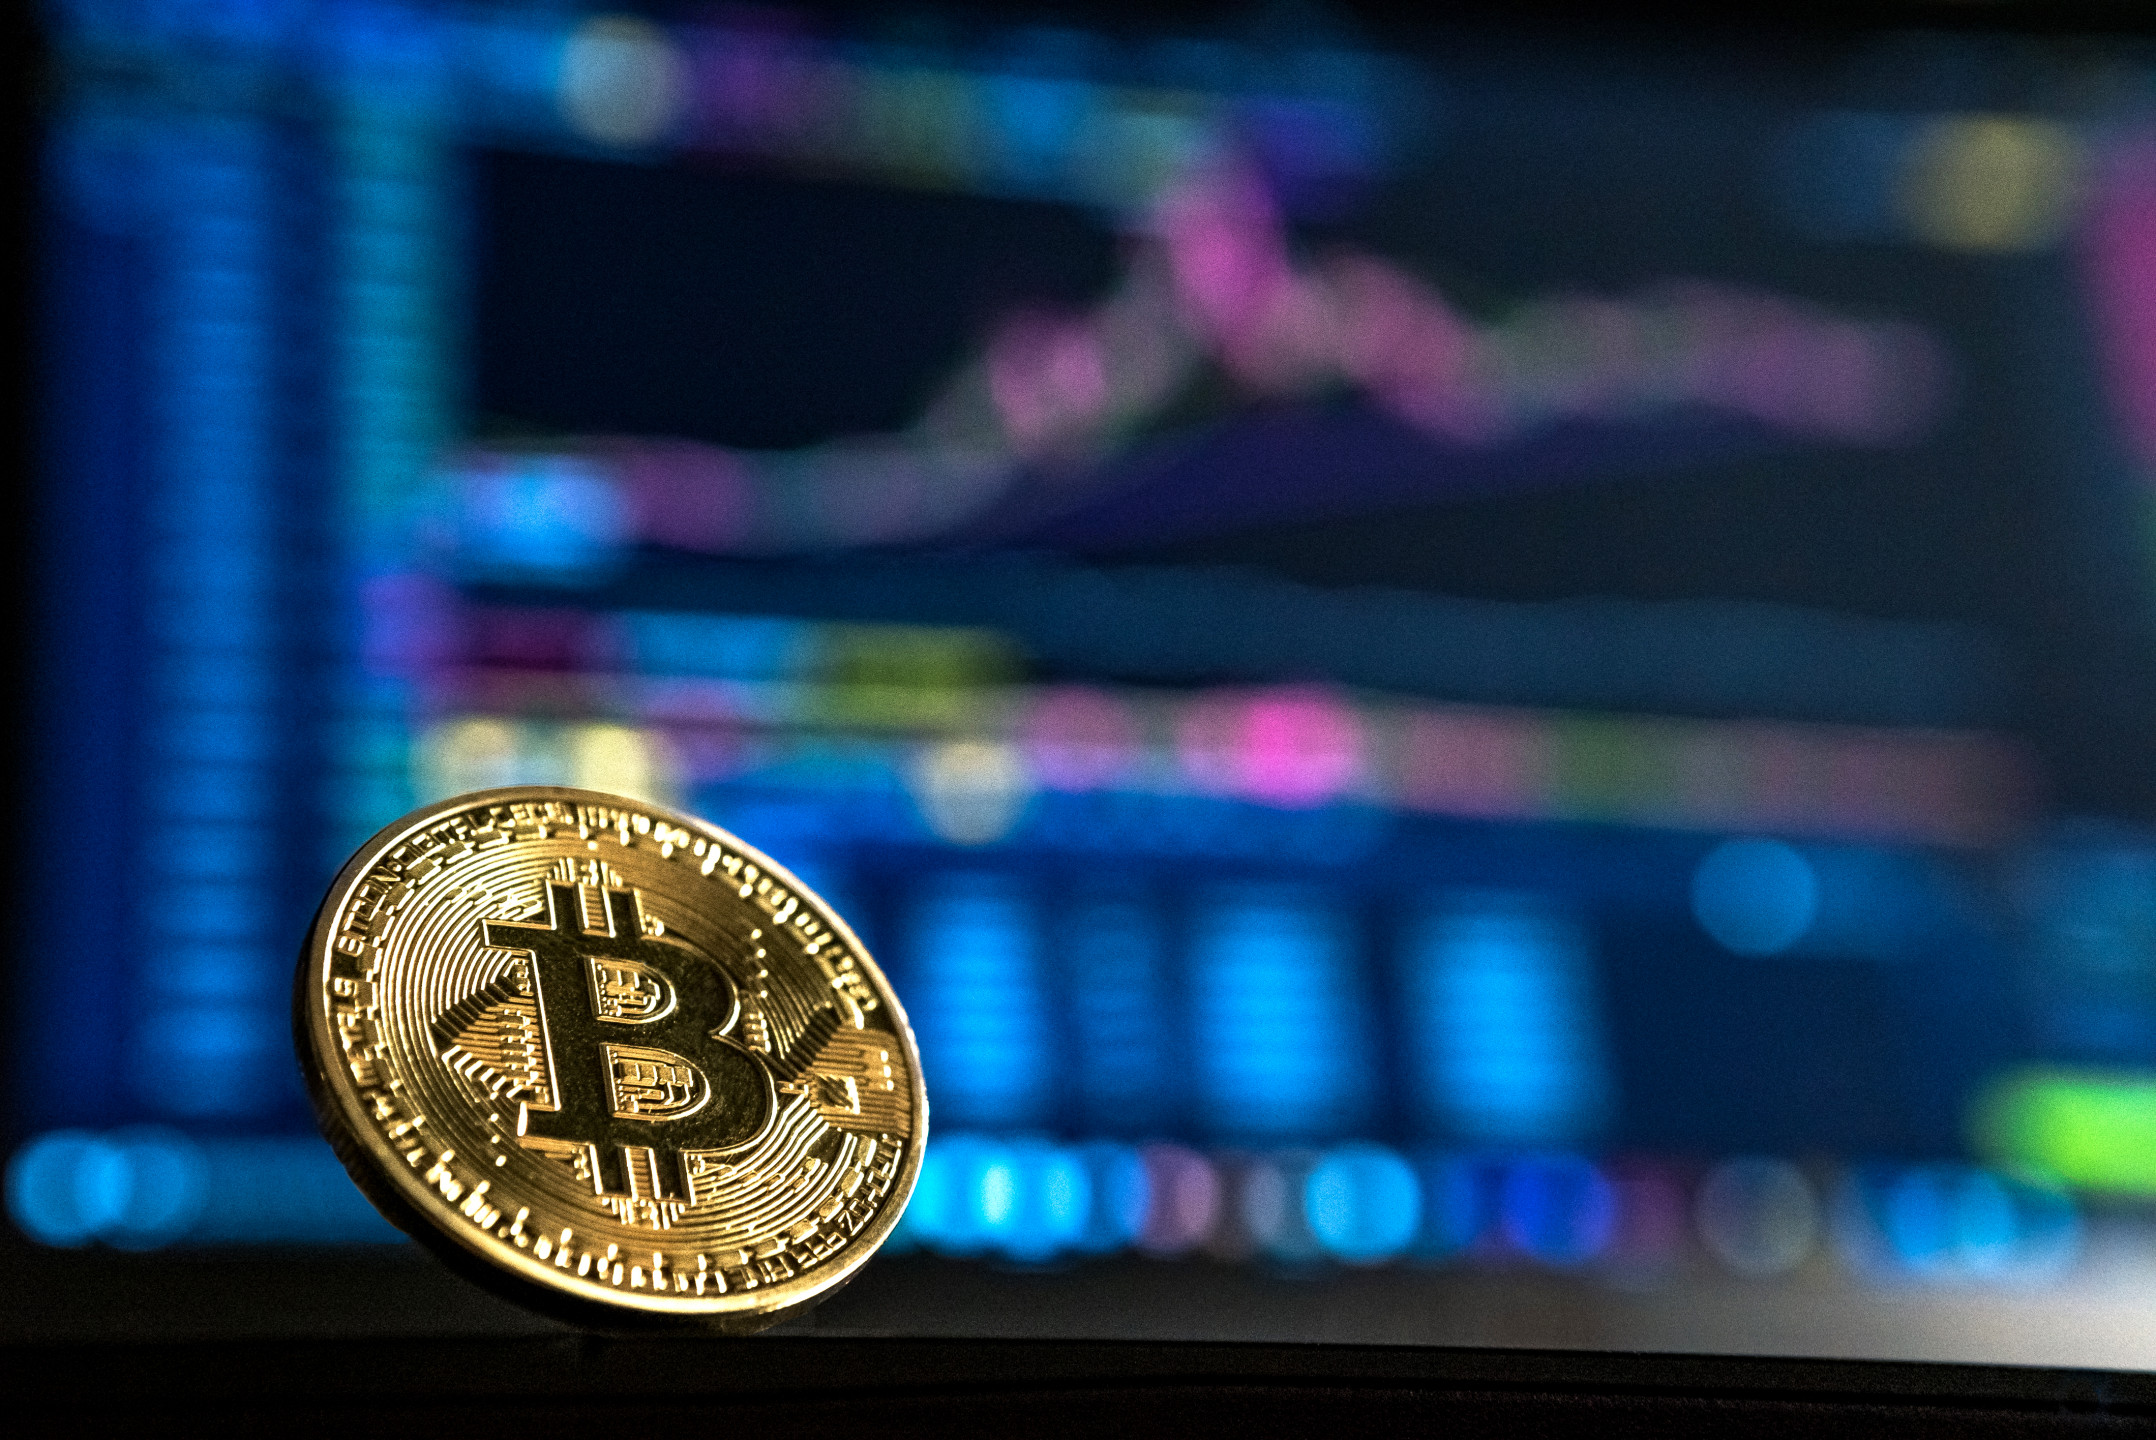 Bakkt Bitcoin Futures is live on major exchange